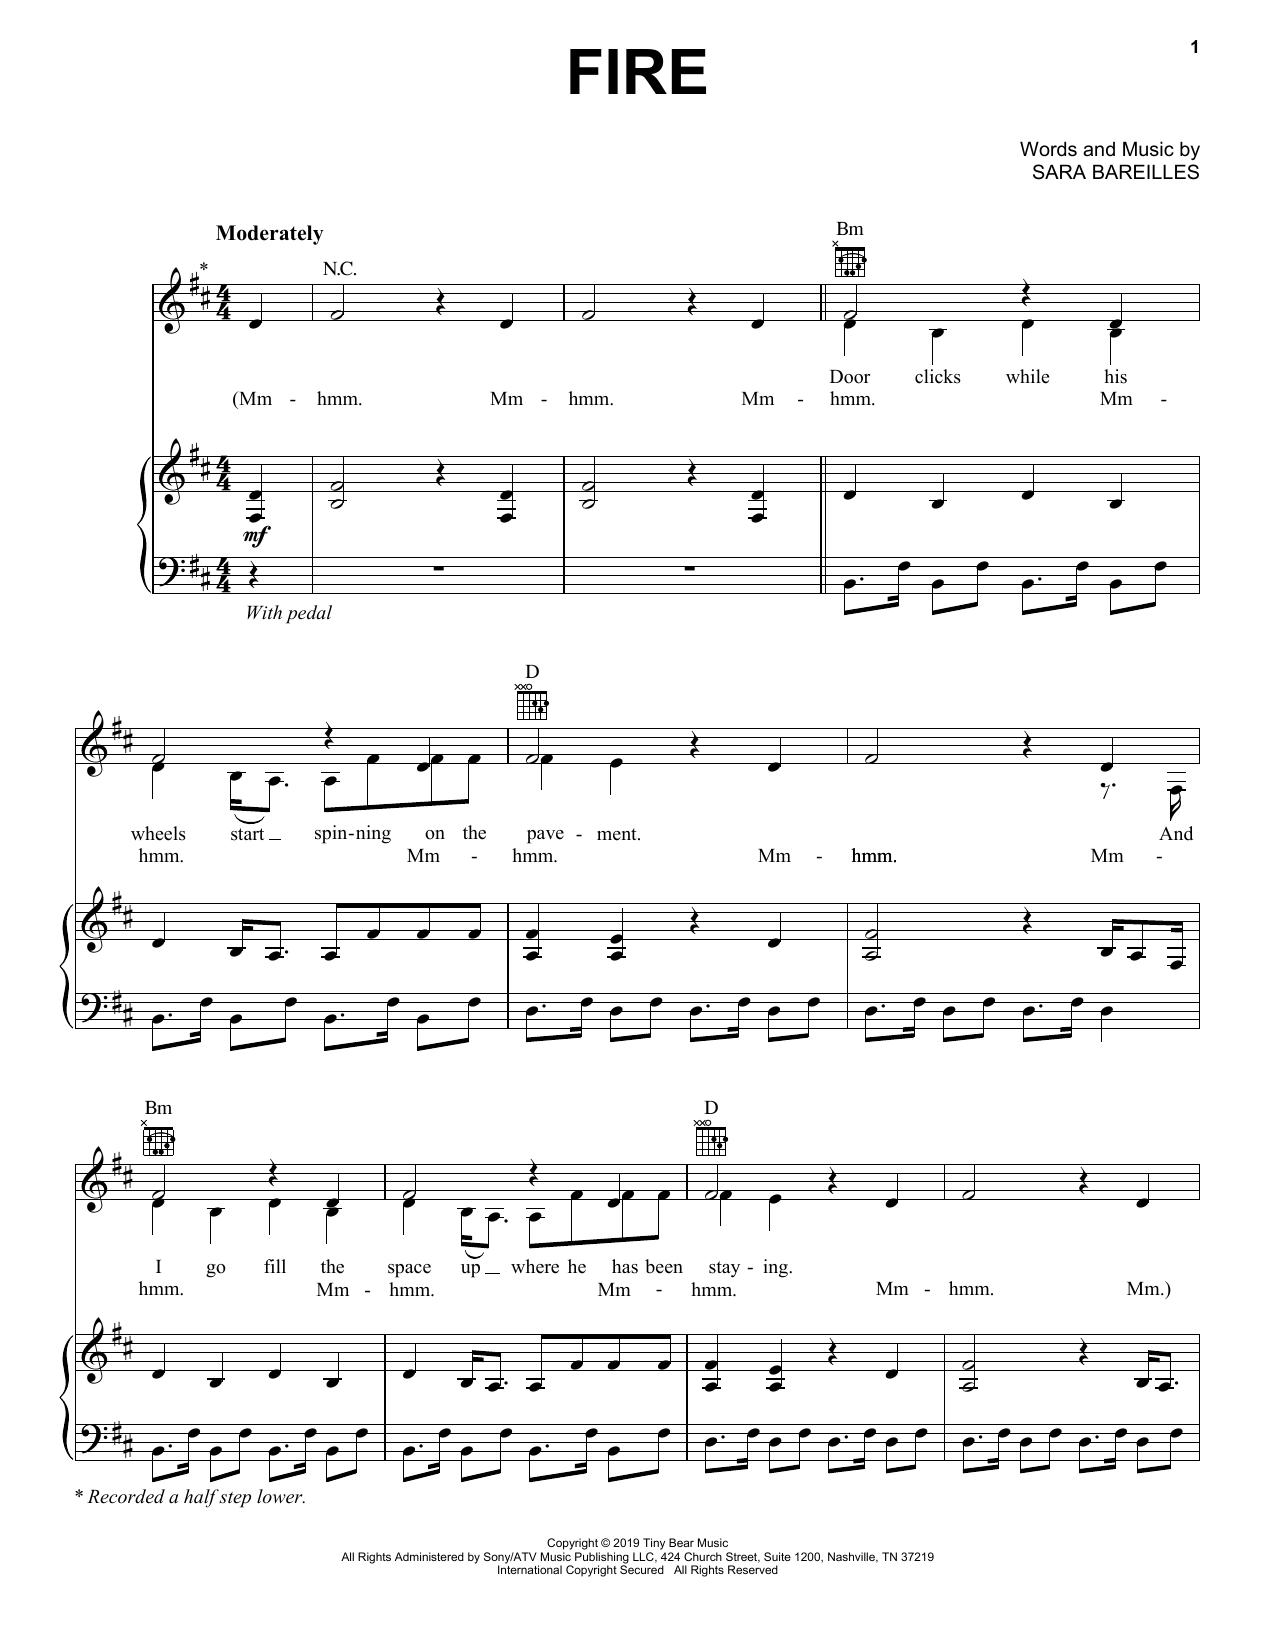 Sara Bareilles Fire 423528 Sheet music, Sheet music